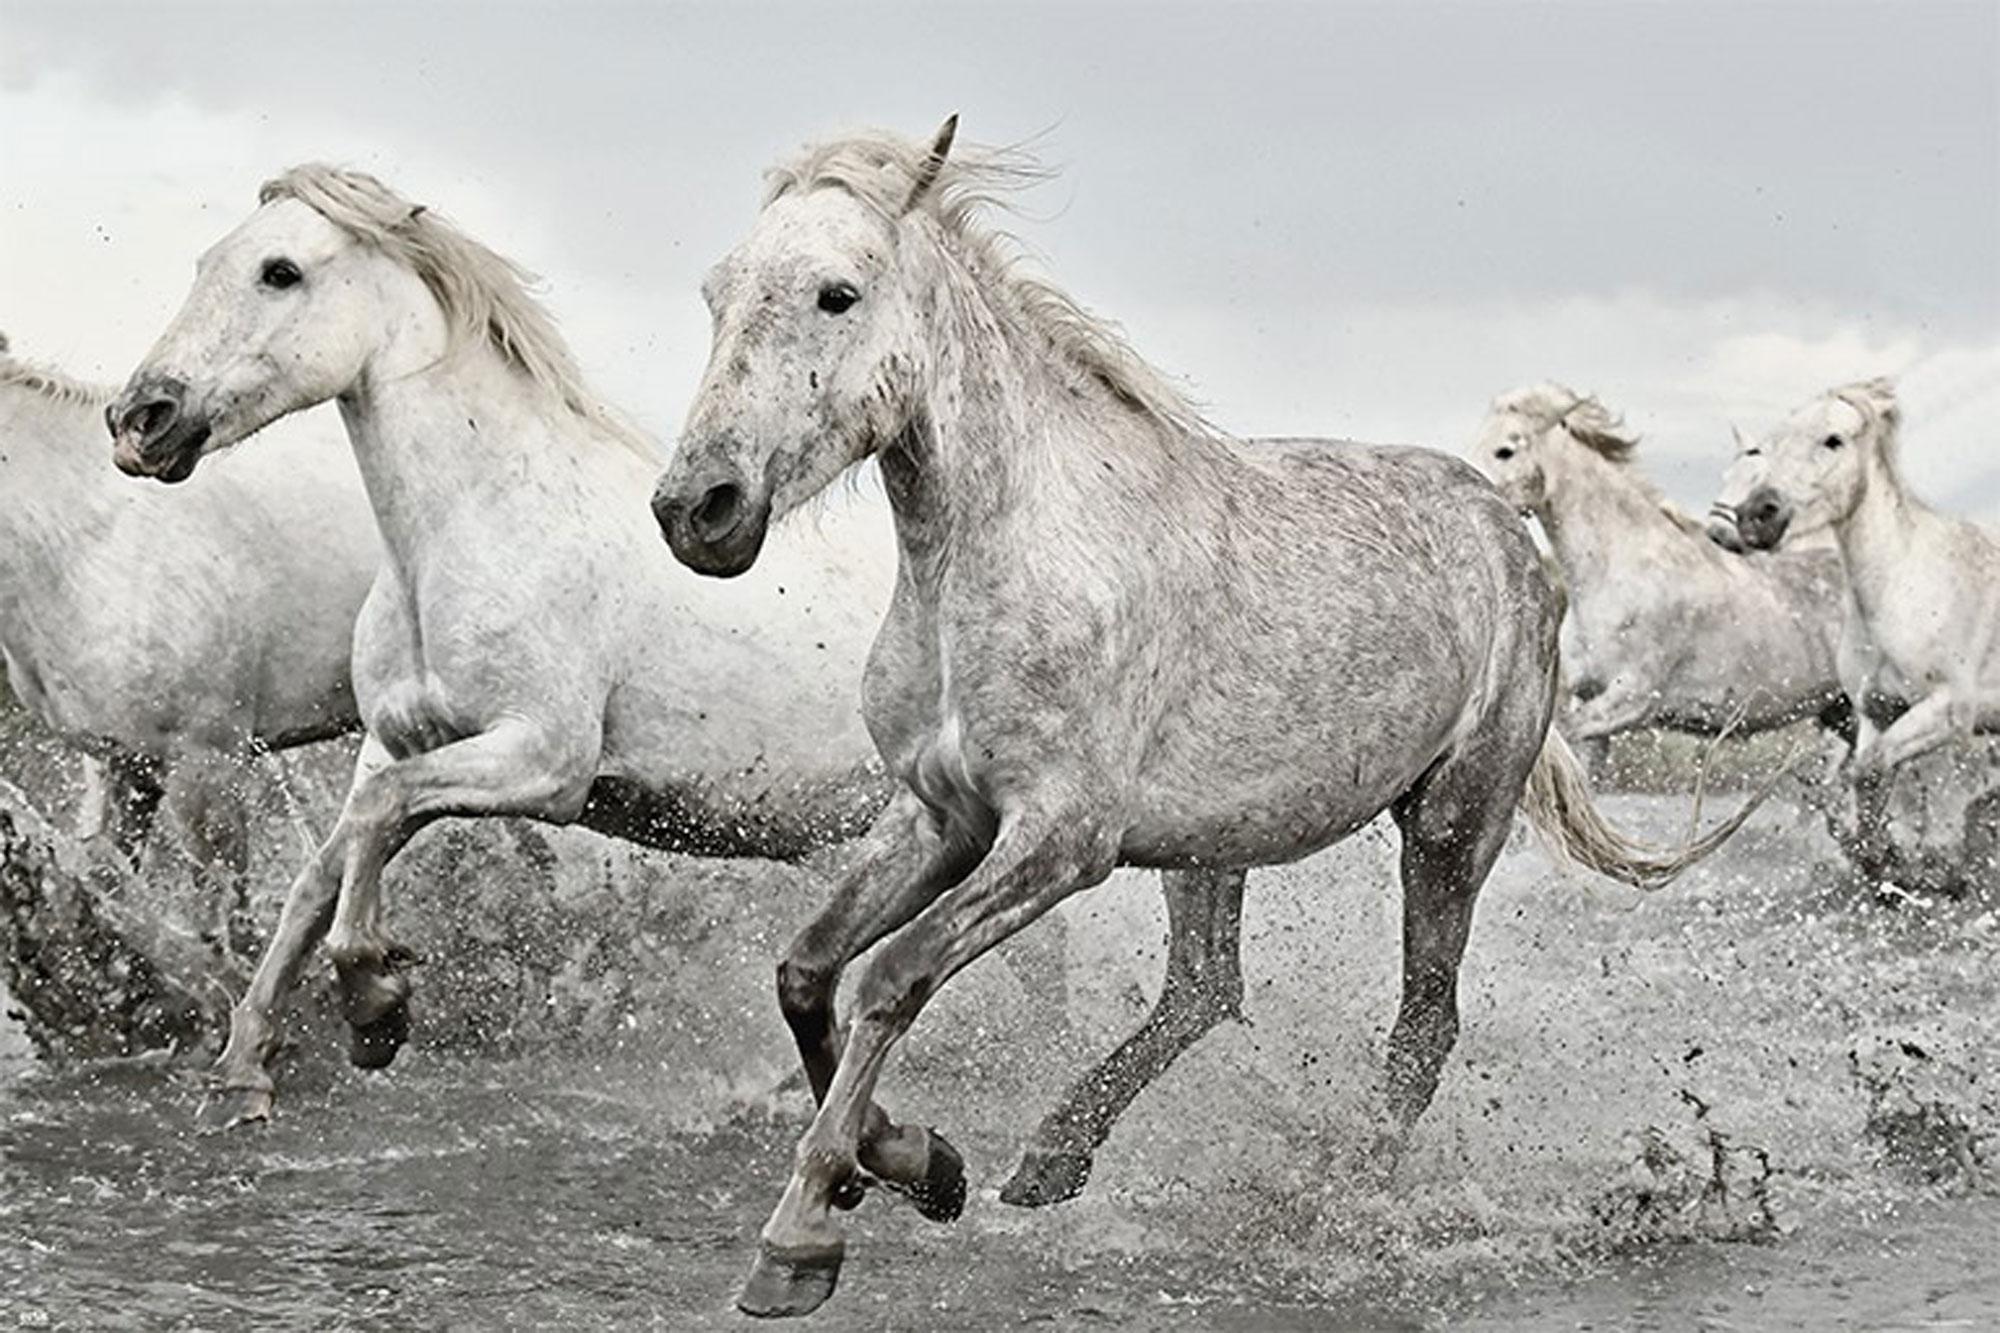 Pferde - White Horse - Tier Poster Plakat Druck - Größe 91,5x61 cm ...